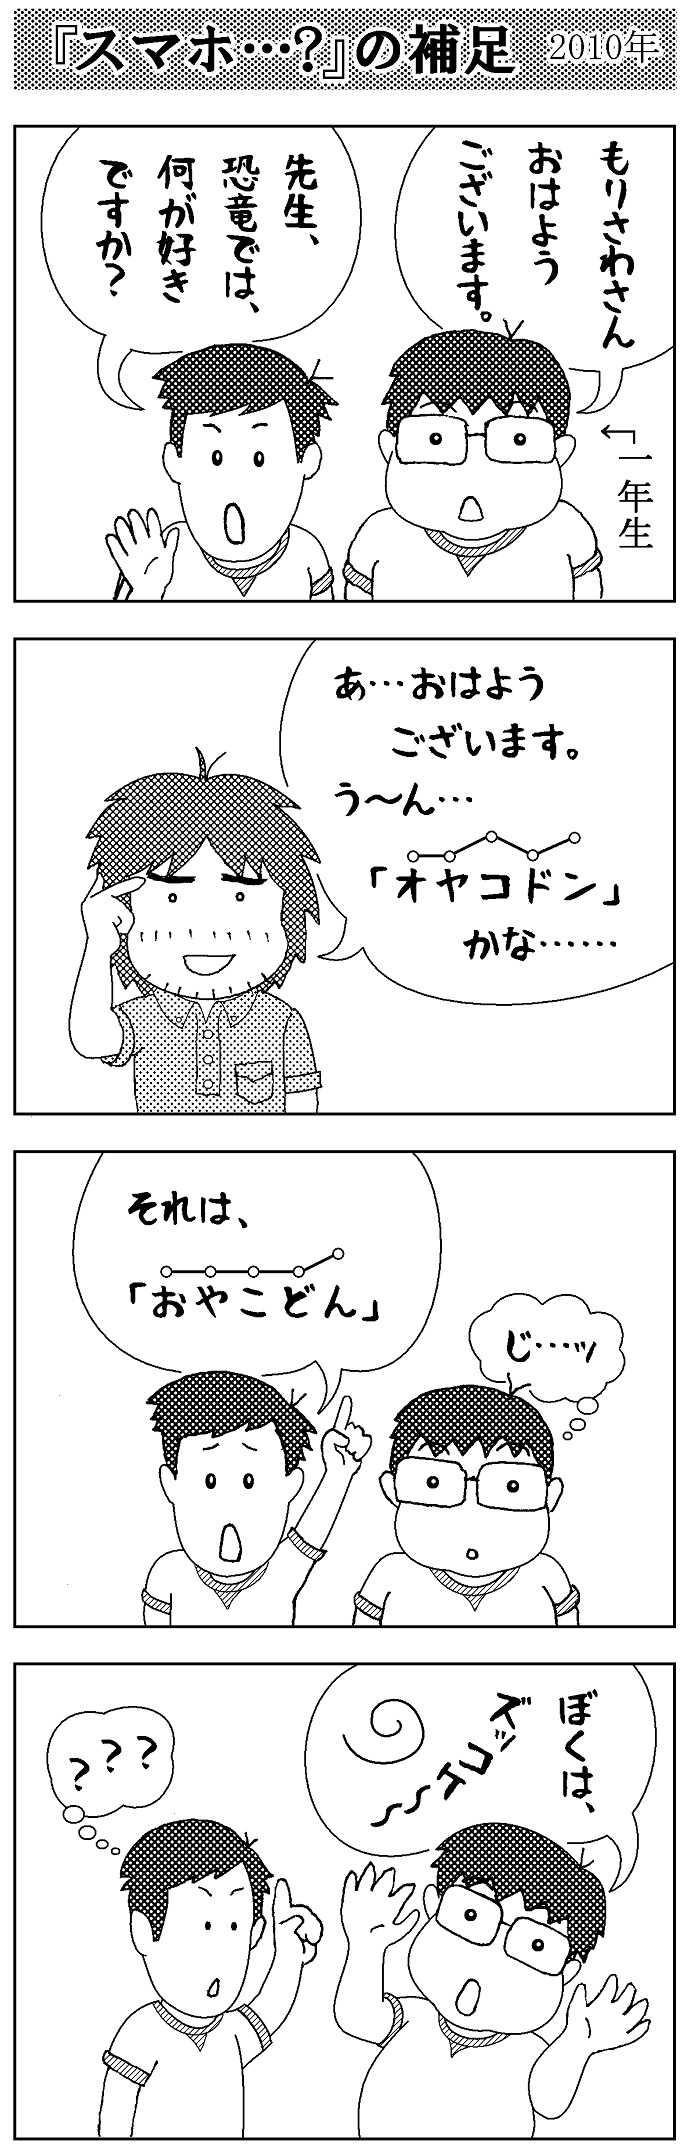 『スマホ…?』の補足